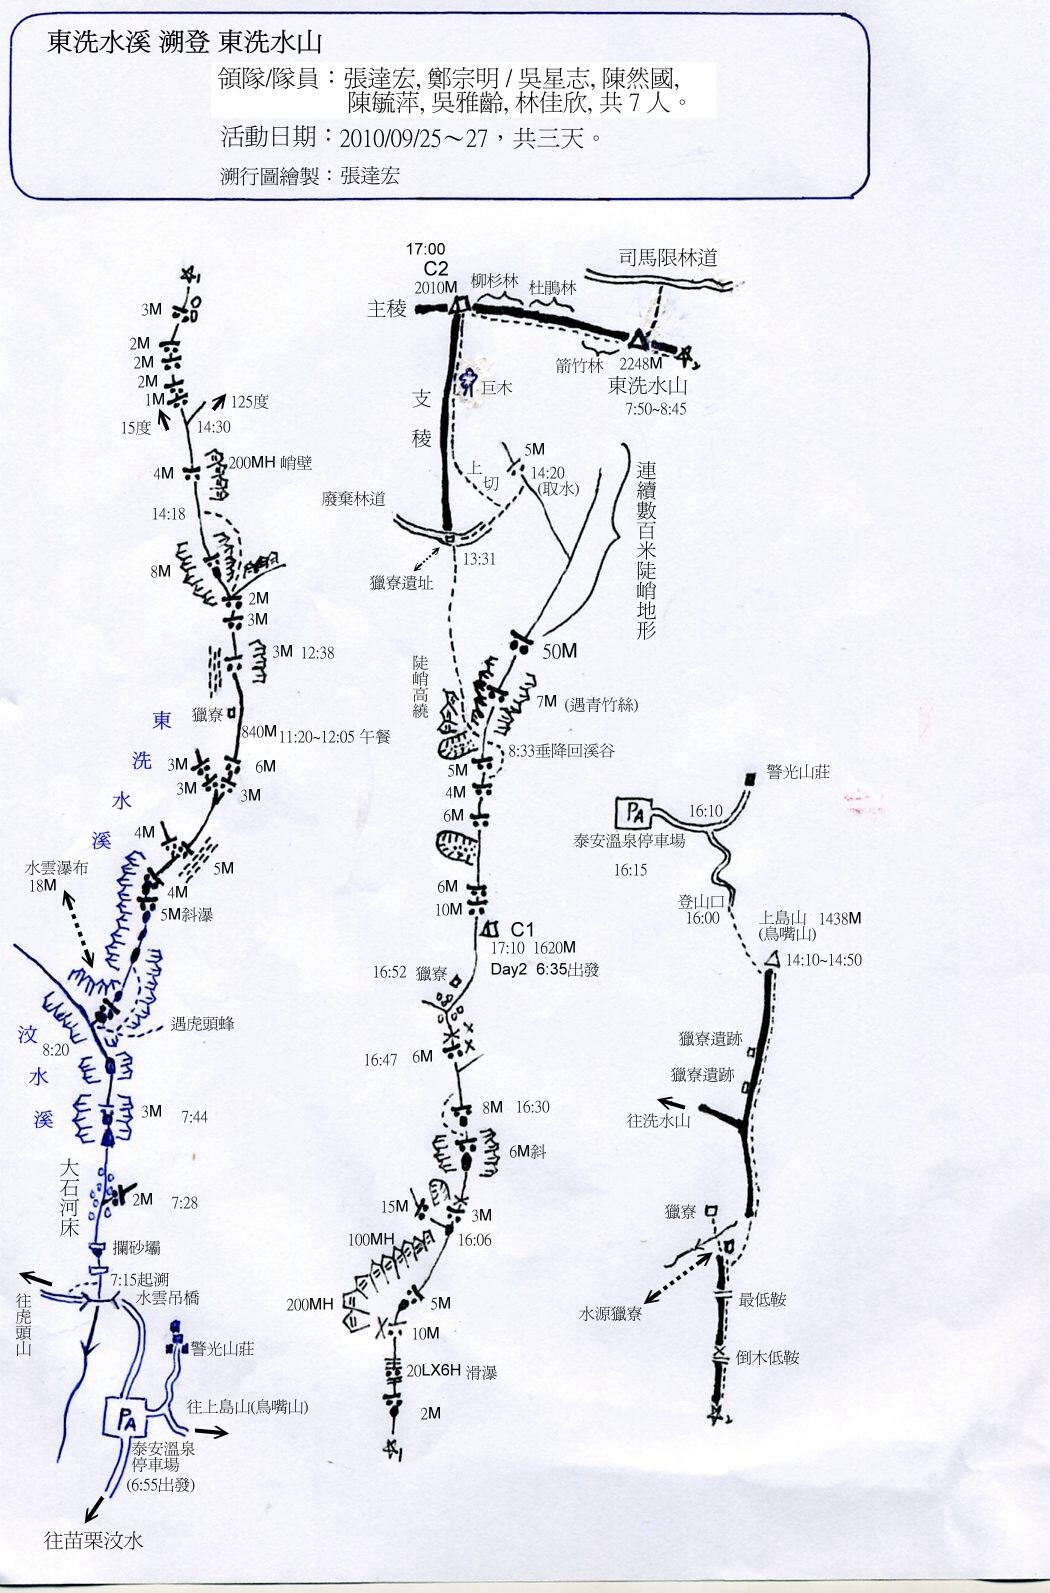 東洗水溪溯行圖_20101221_new.jpg